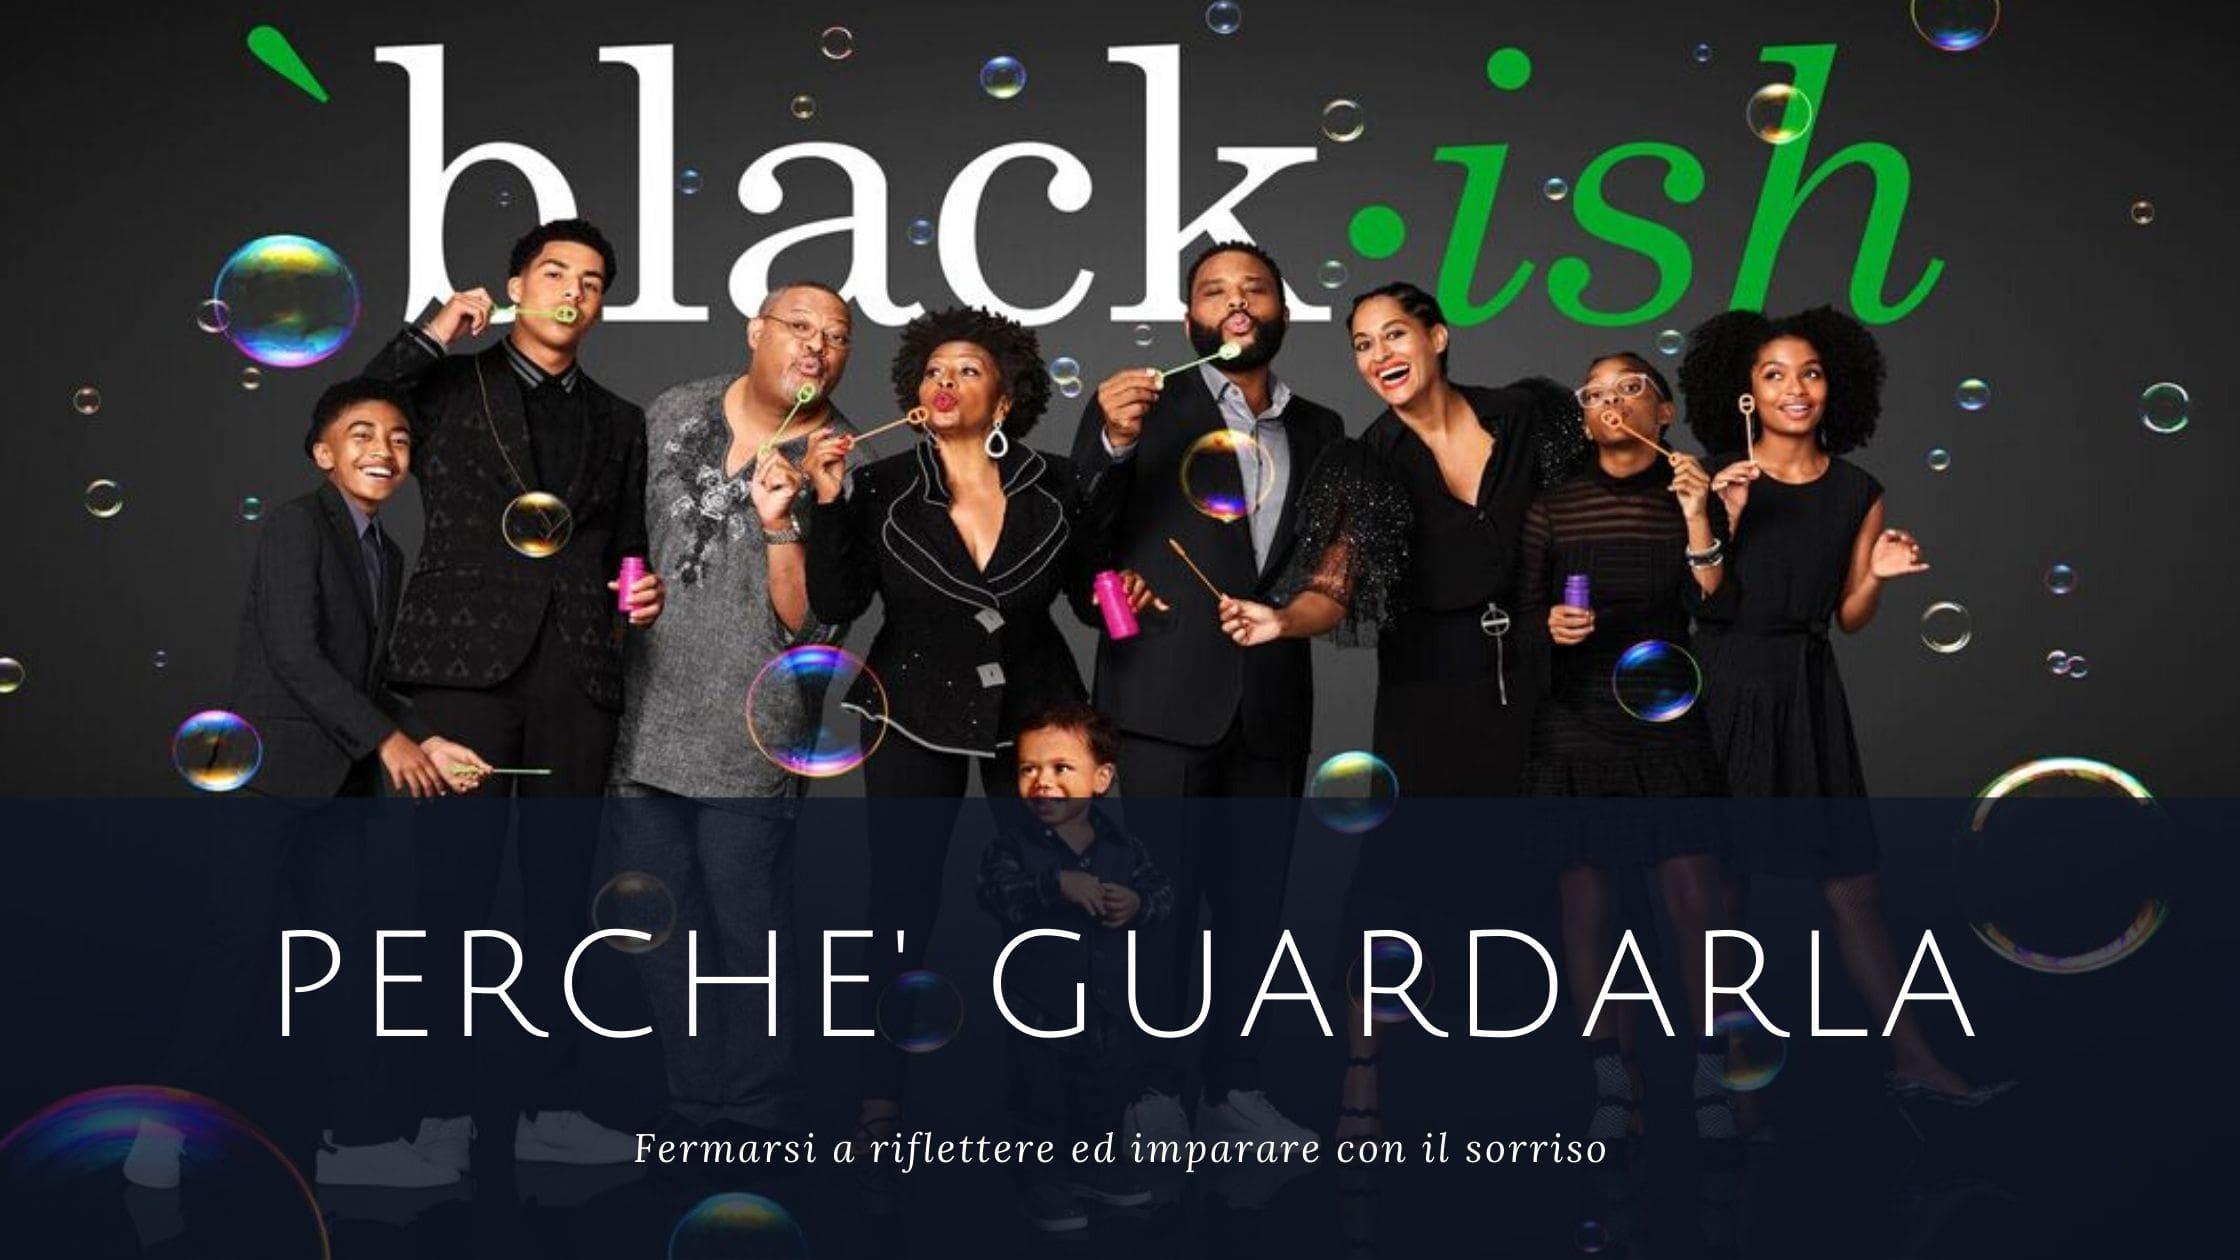 Black-ish: una serie TV per riflettere con il sorriso